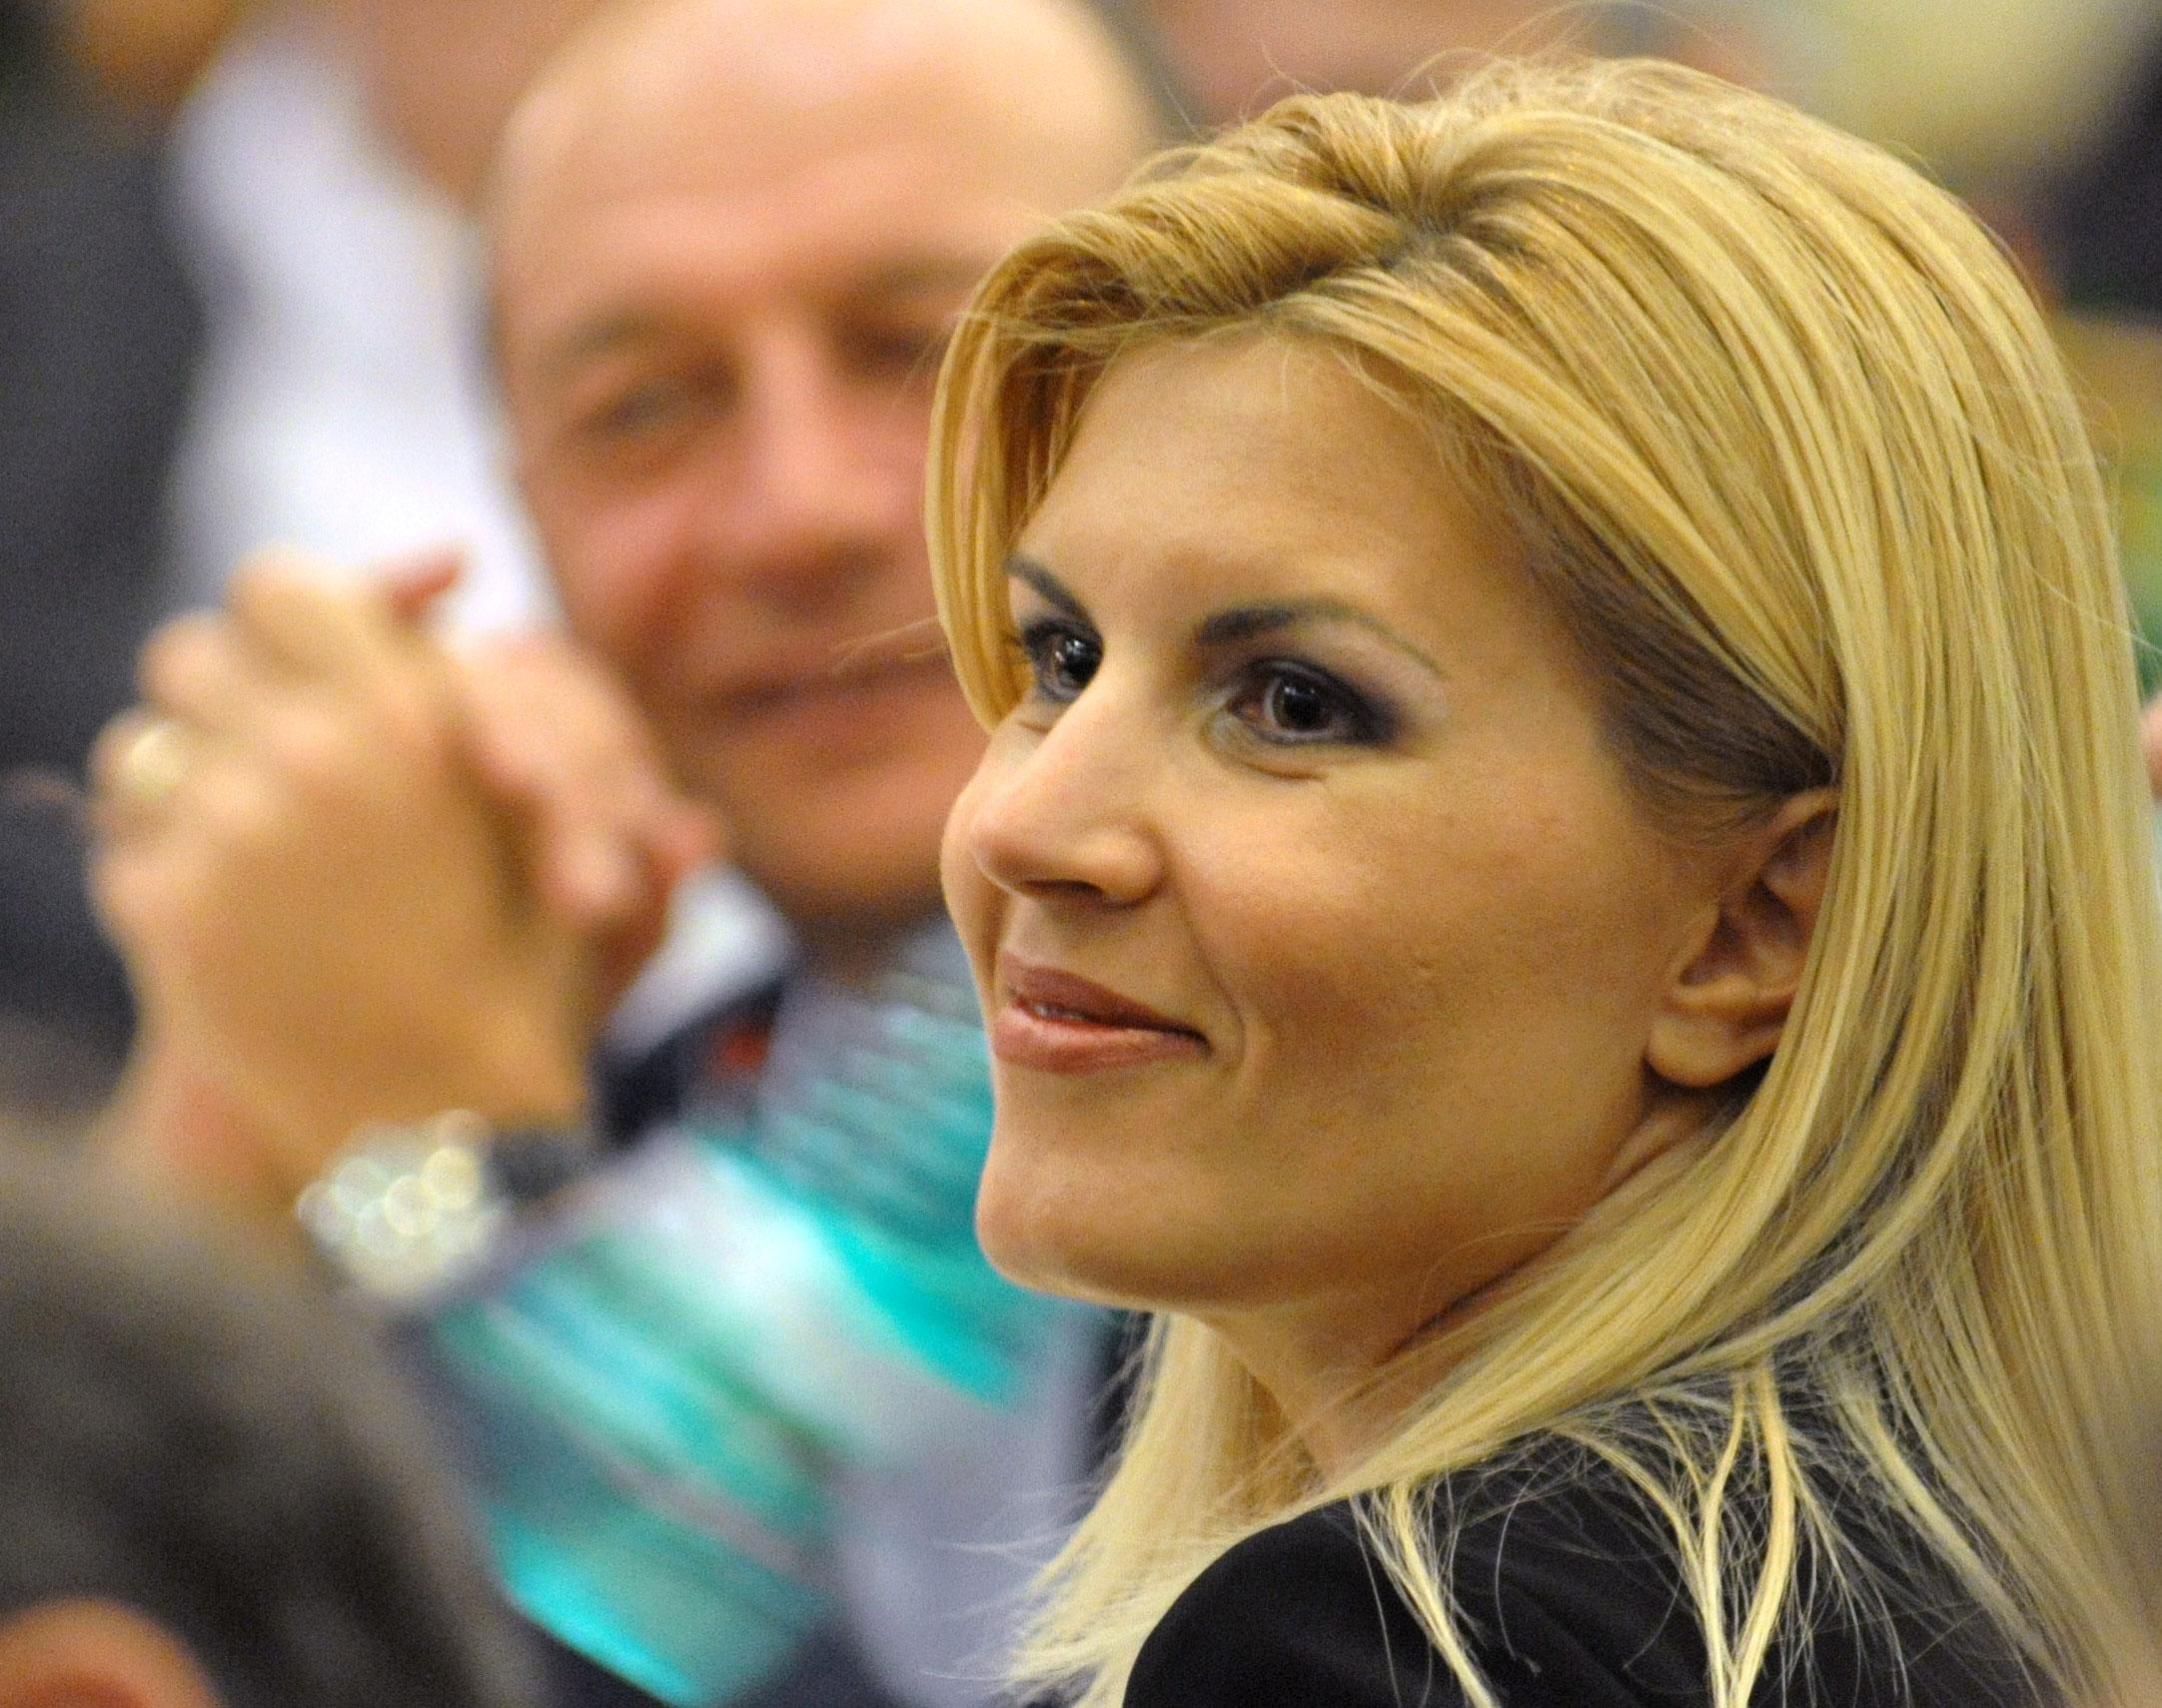 Traian Basescu: O sustin pe Elena Udrea chiar daca acesta este un motiv ca domnul Tariceanu sa isi duca demersul mai departe